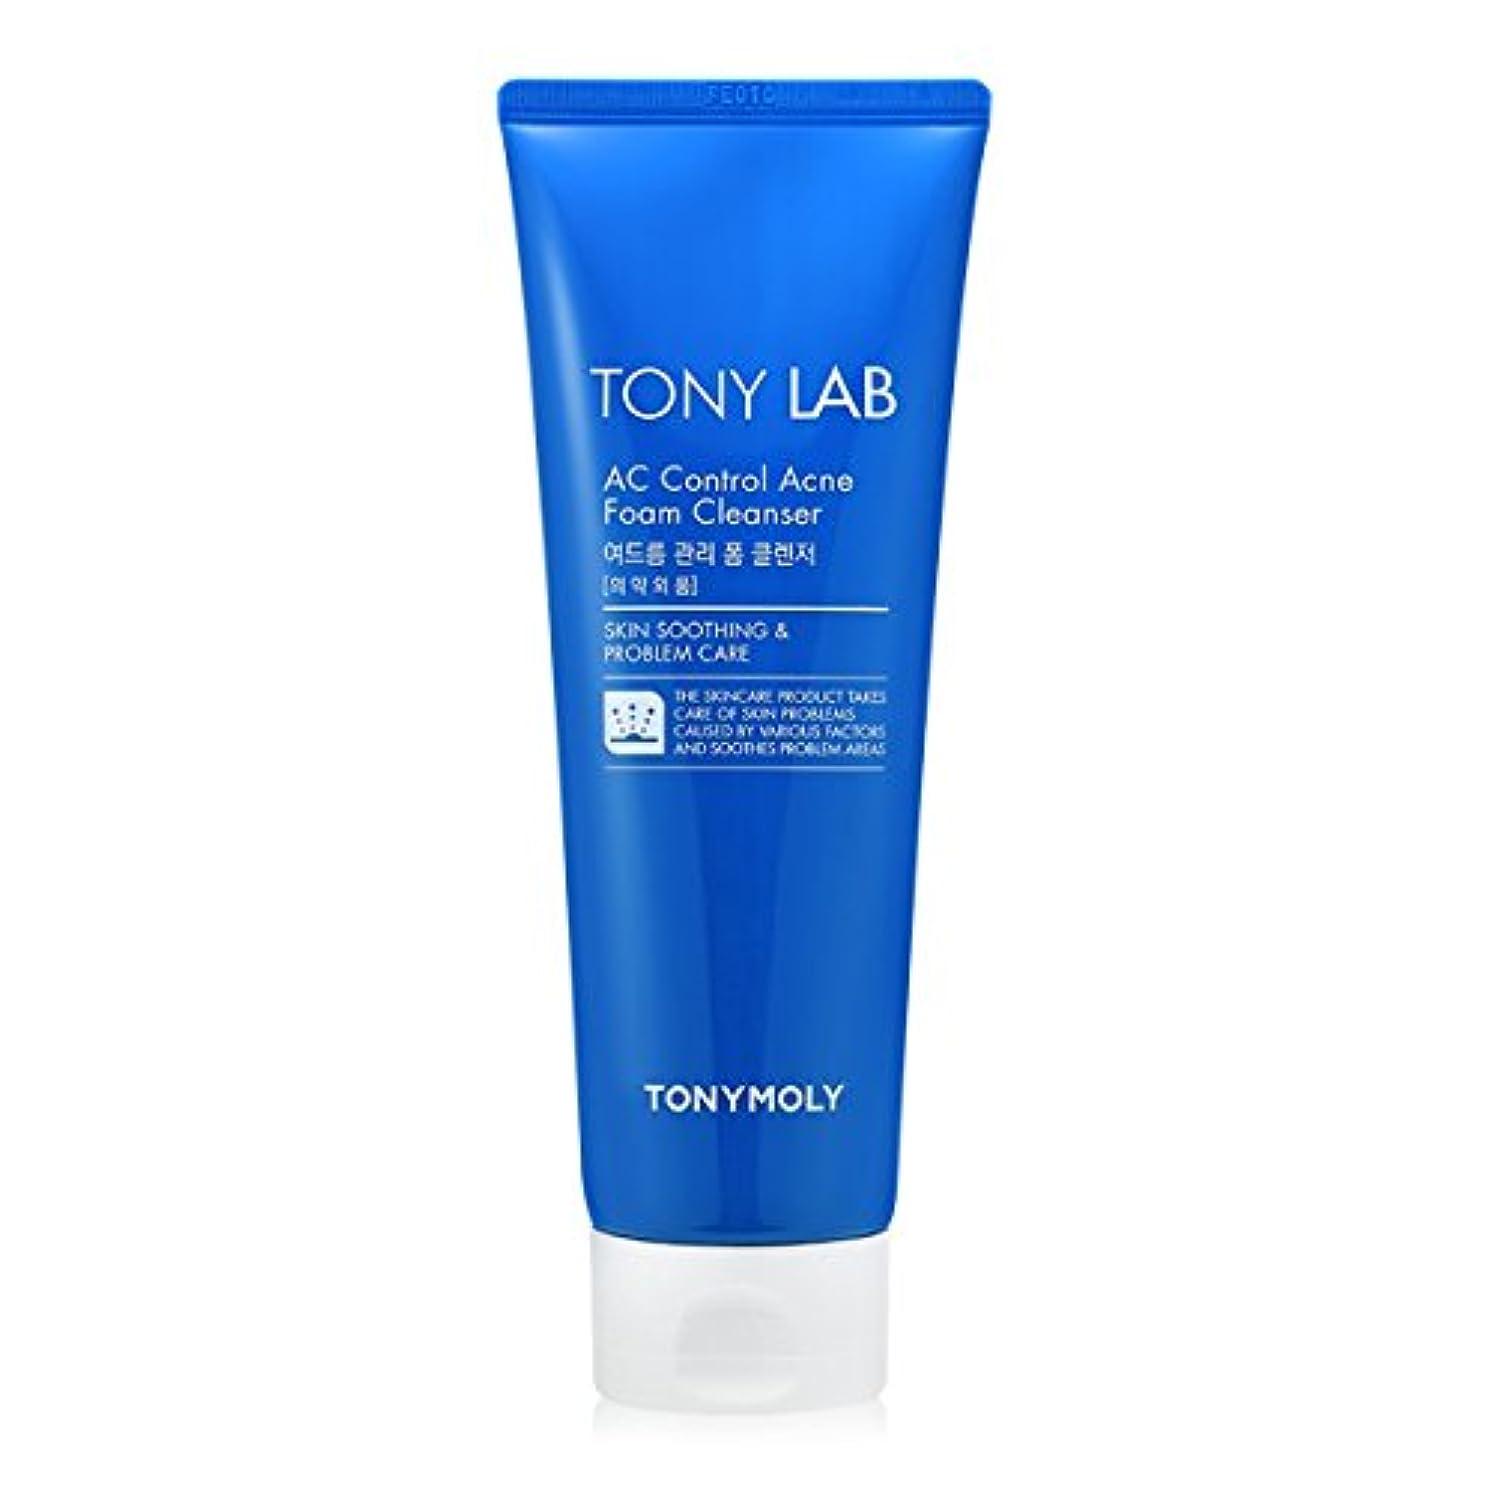 タップ惑星マットレス[New] TONYMOLY Tony Lab AC Control Acne Foam Cleanser 150ml/トニーモリー トニー ラボ AC コントロール アクネ フォーム クレンザー 150ml [並行輸入品]